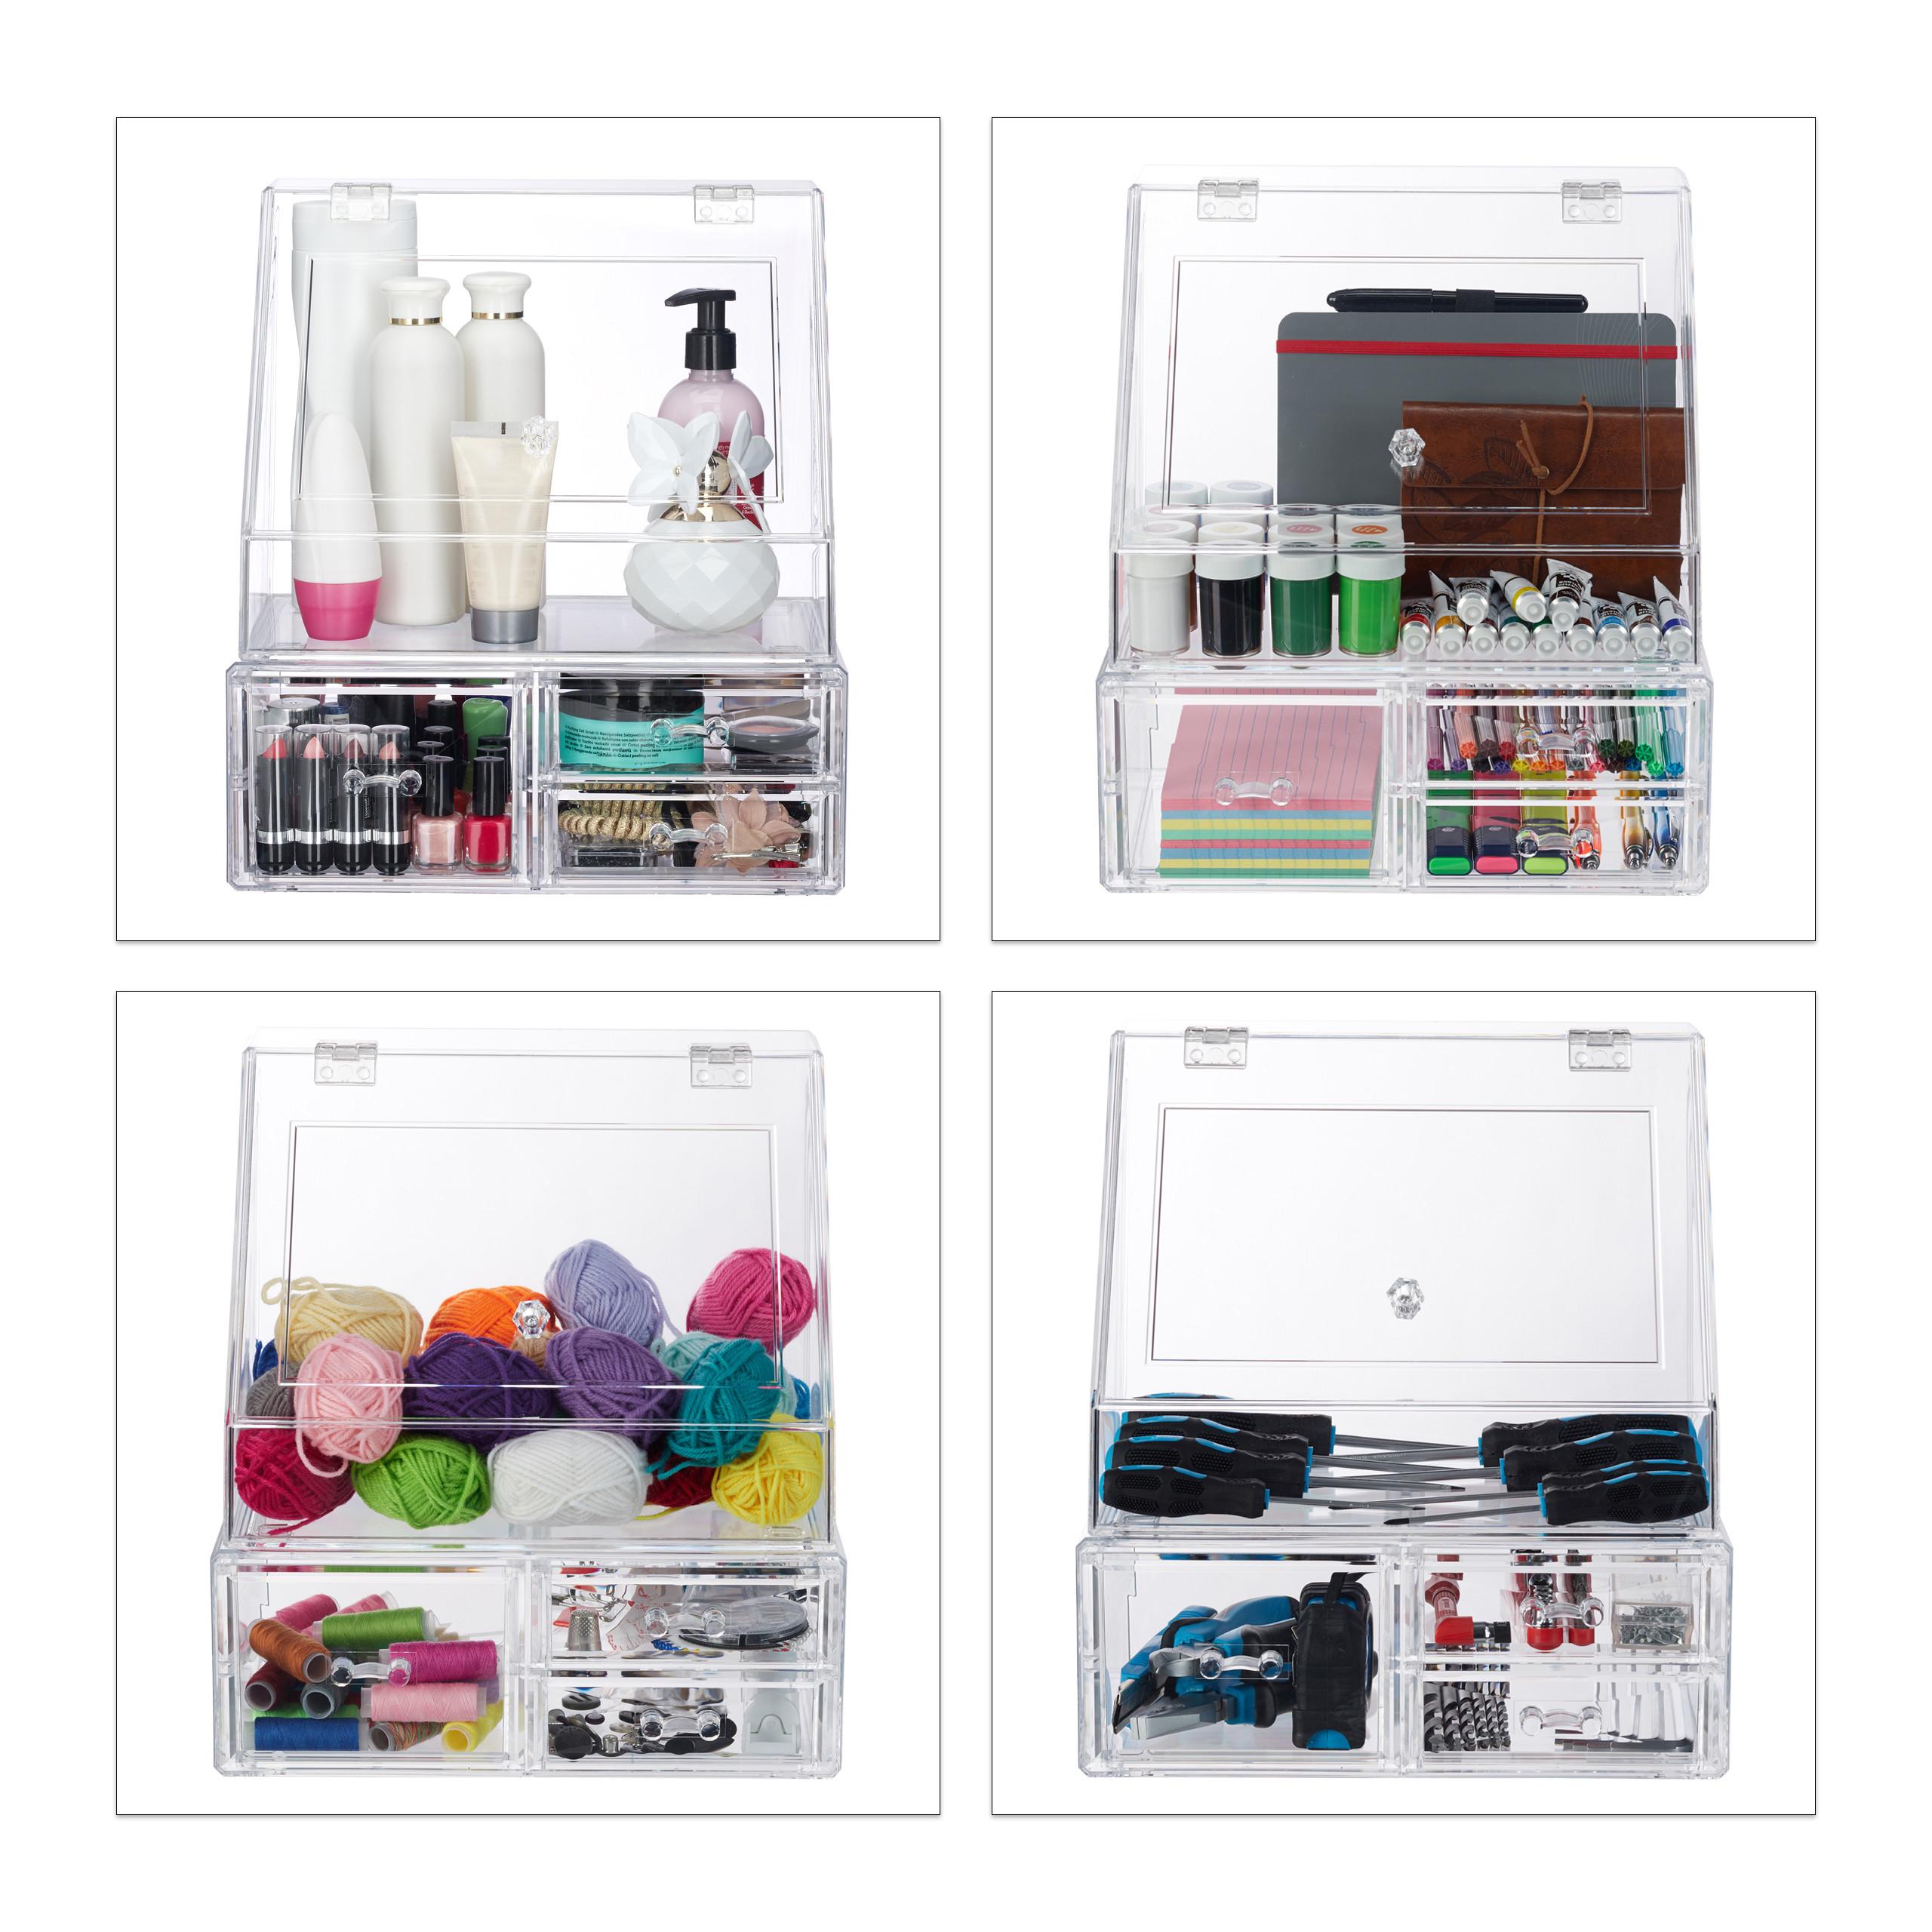 Kosmetik-Organizer-Acrylbox-Schmink-Aufbewahrung-Make-Up-Organizer-3-Schubladen miniatura 5